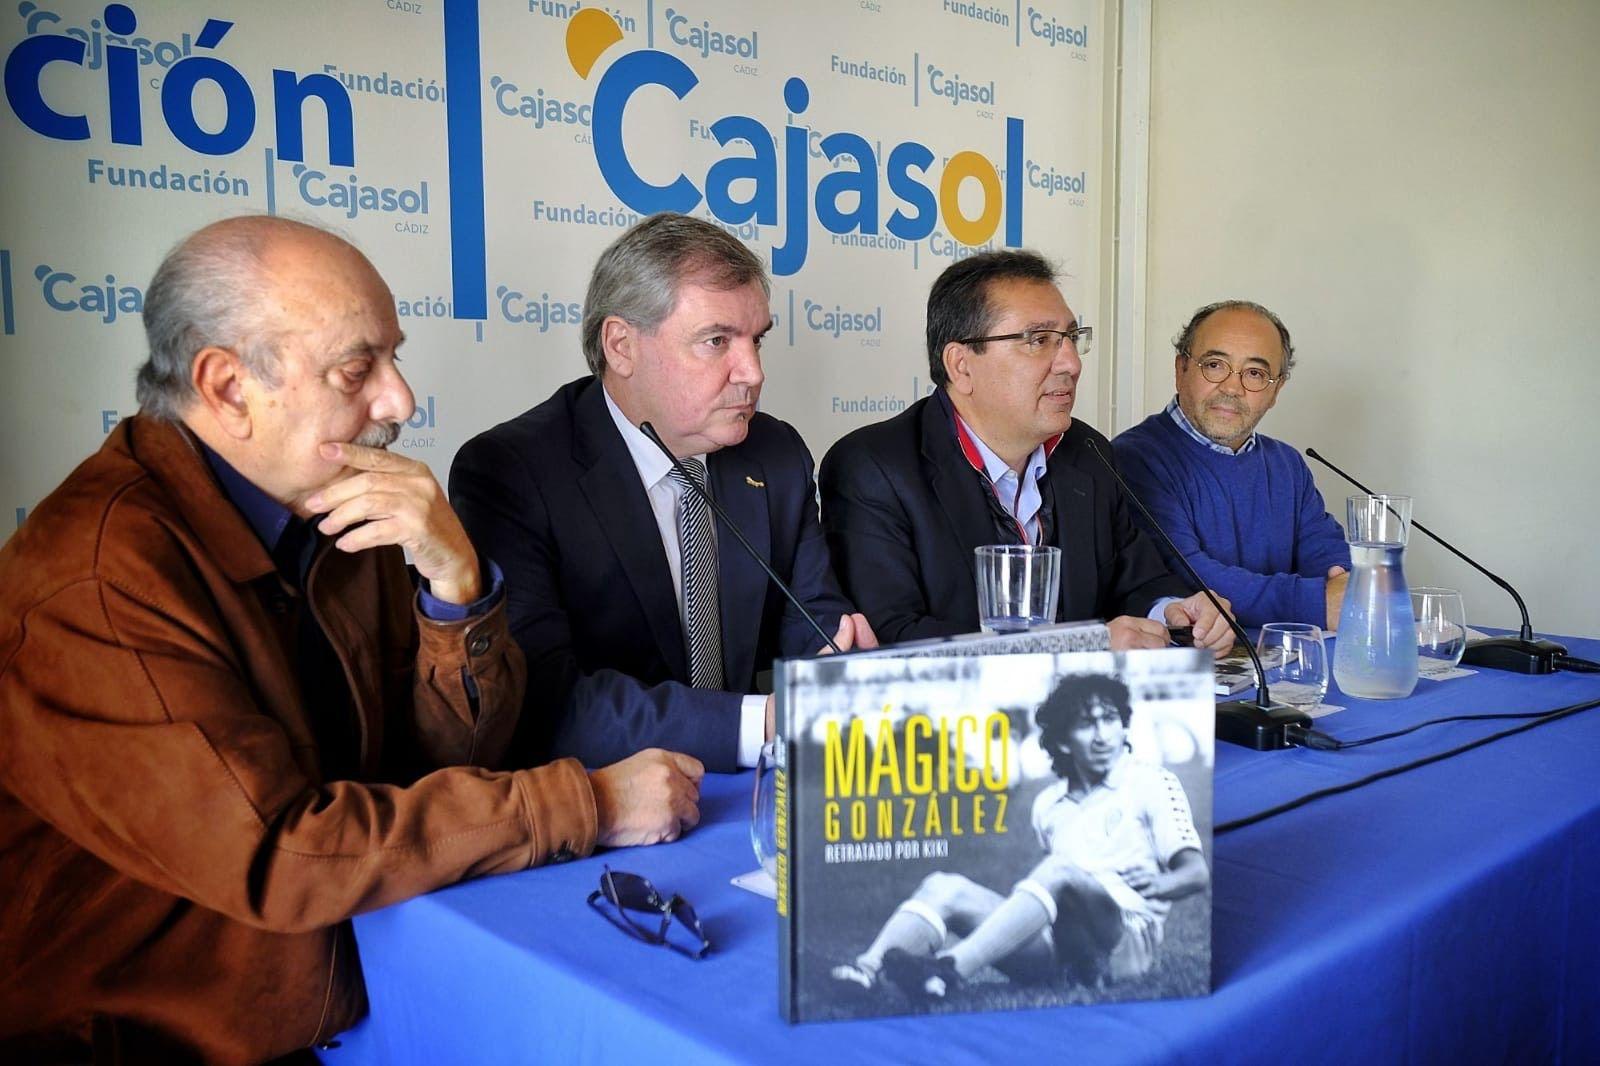 Fundación Cajasol en Cádiz: libro del fotógrafo Kiki